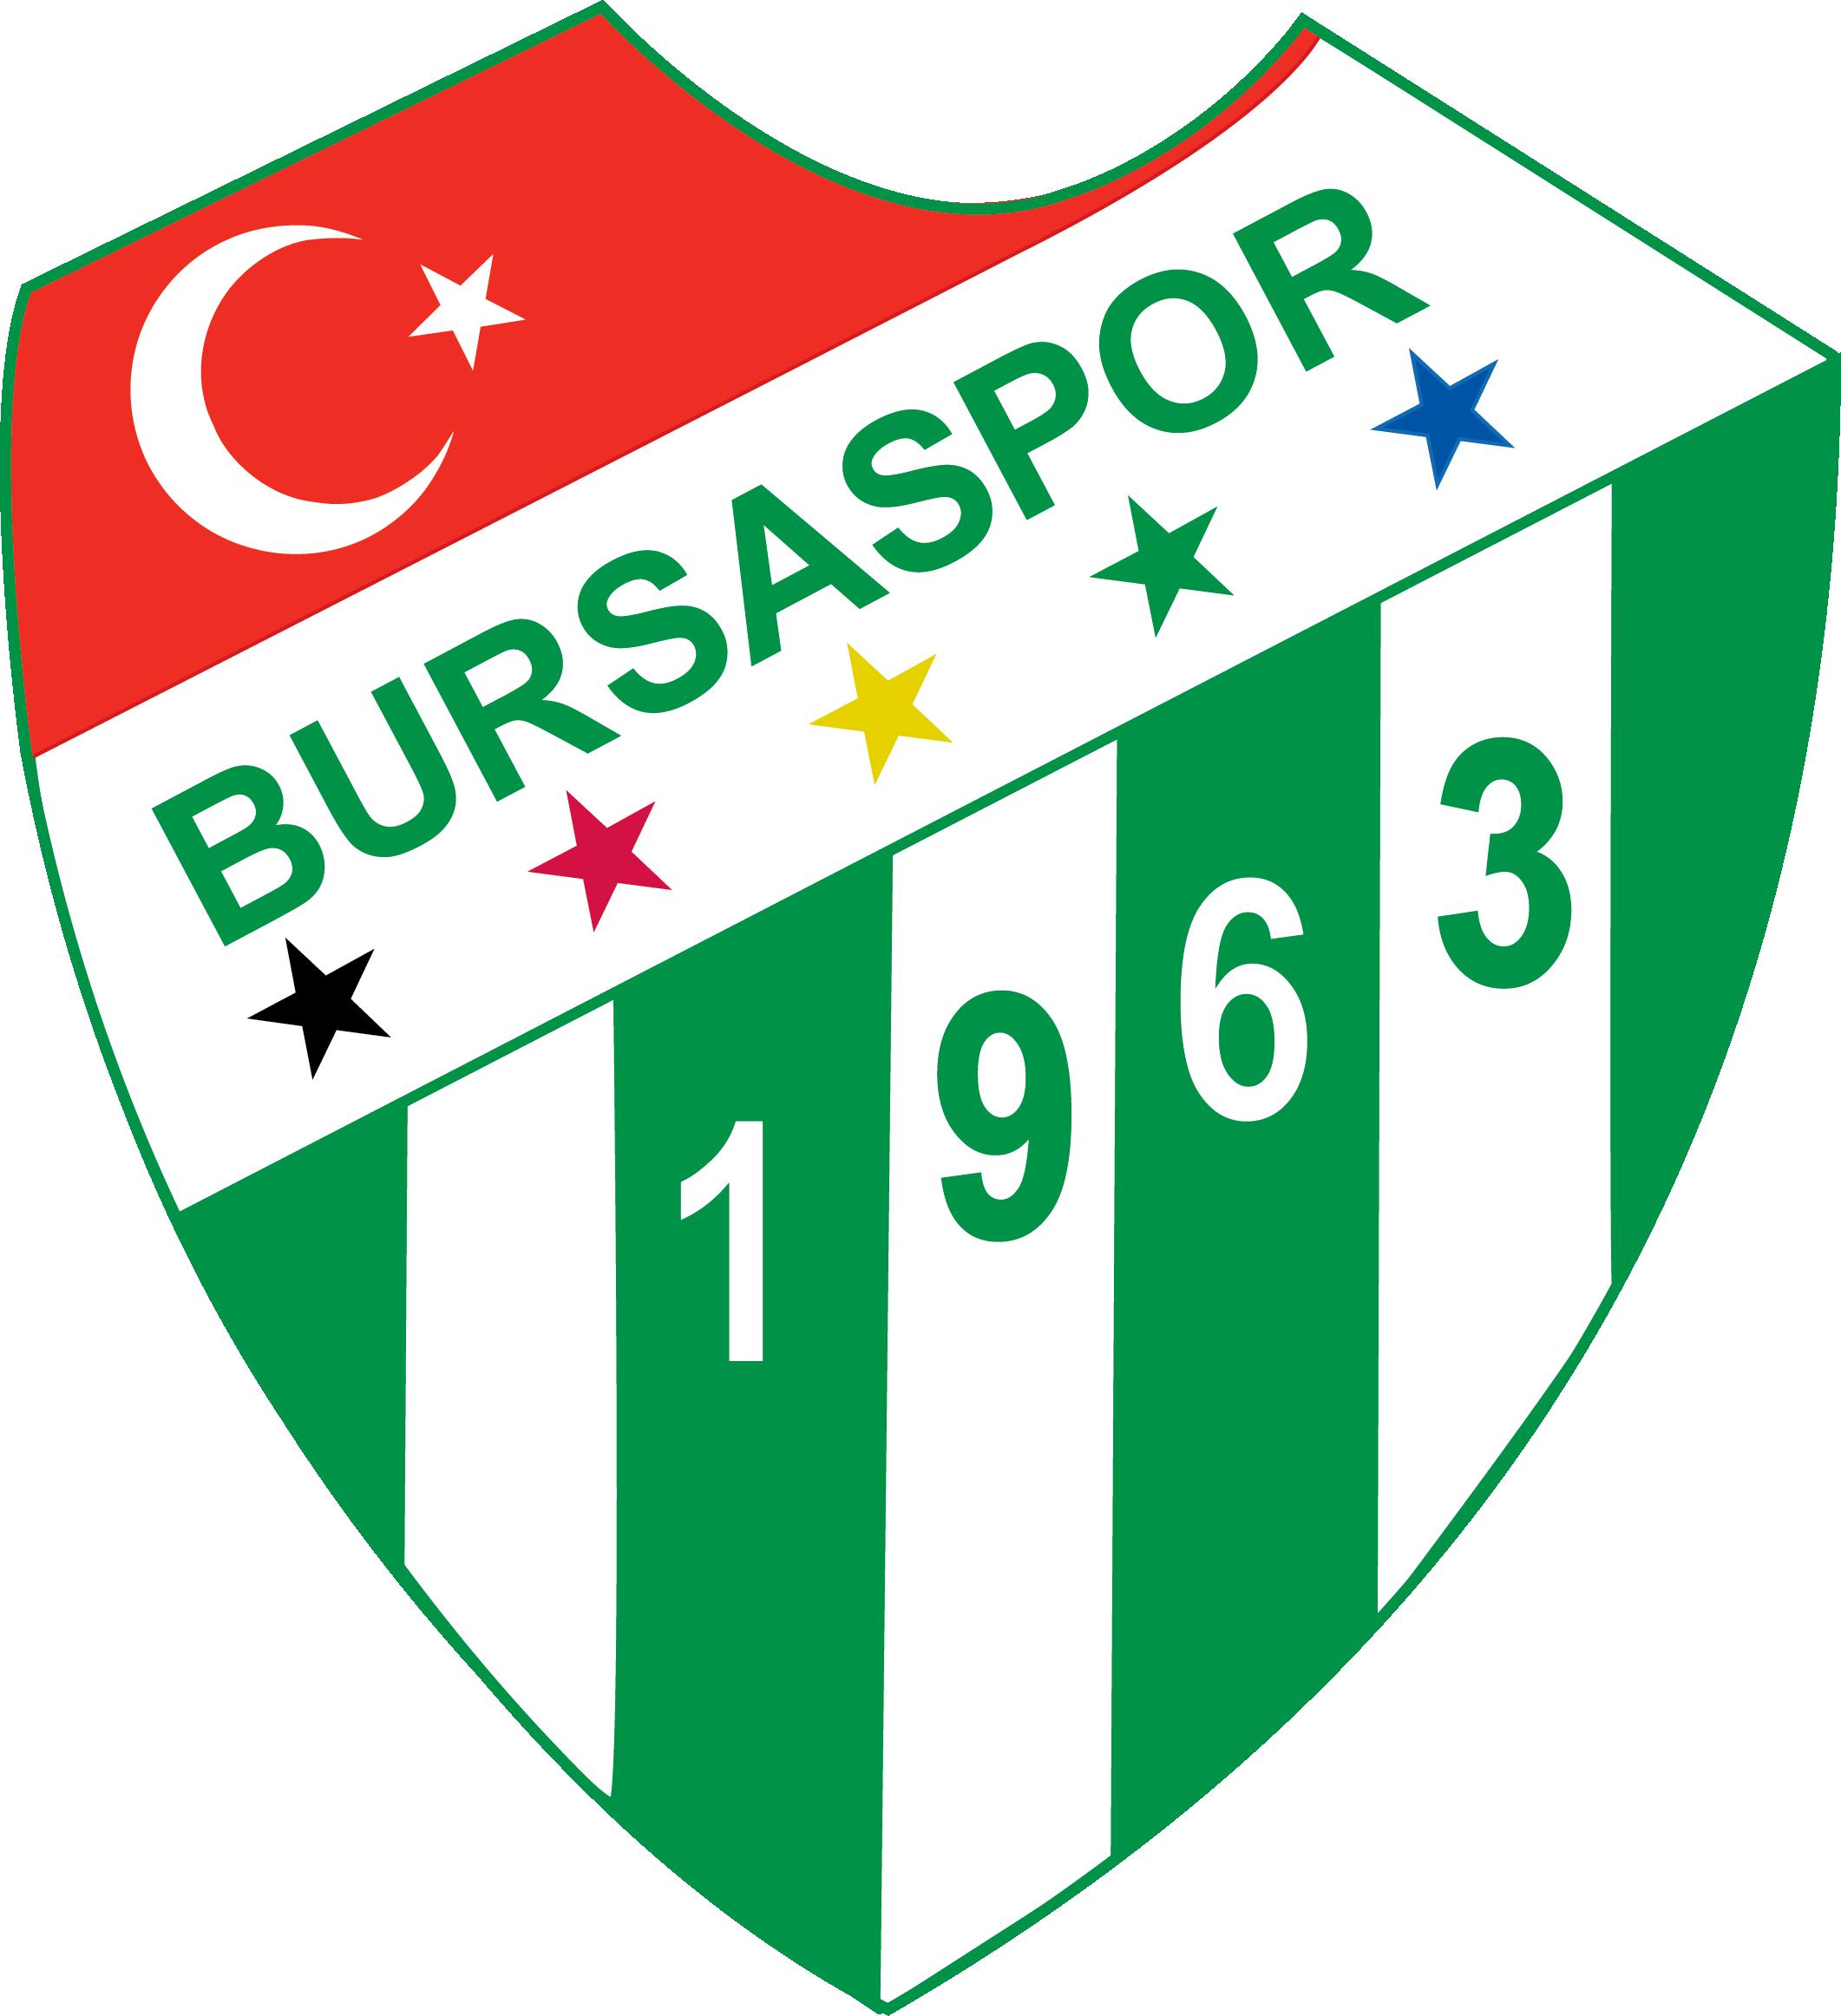 https://www.bursaspor.org.tr/bs/imagesicerik/logo/bursaspor_logo_png_.png